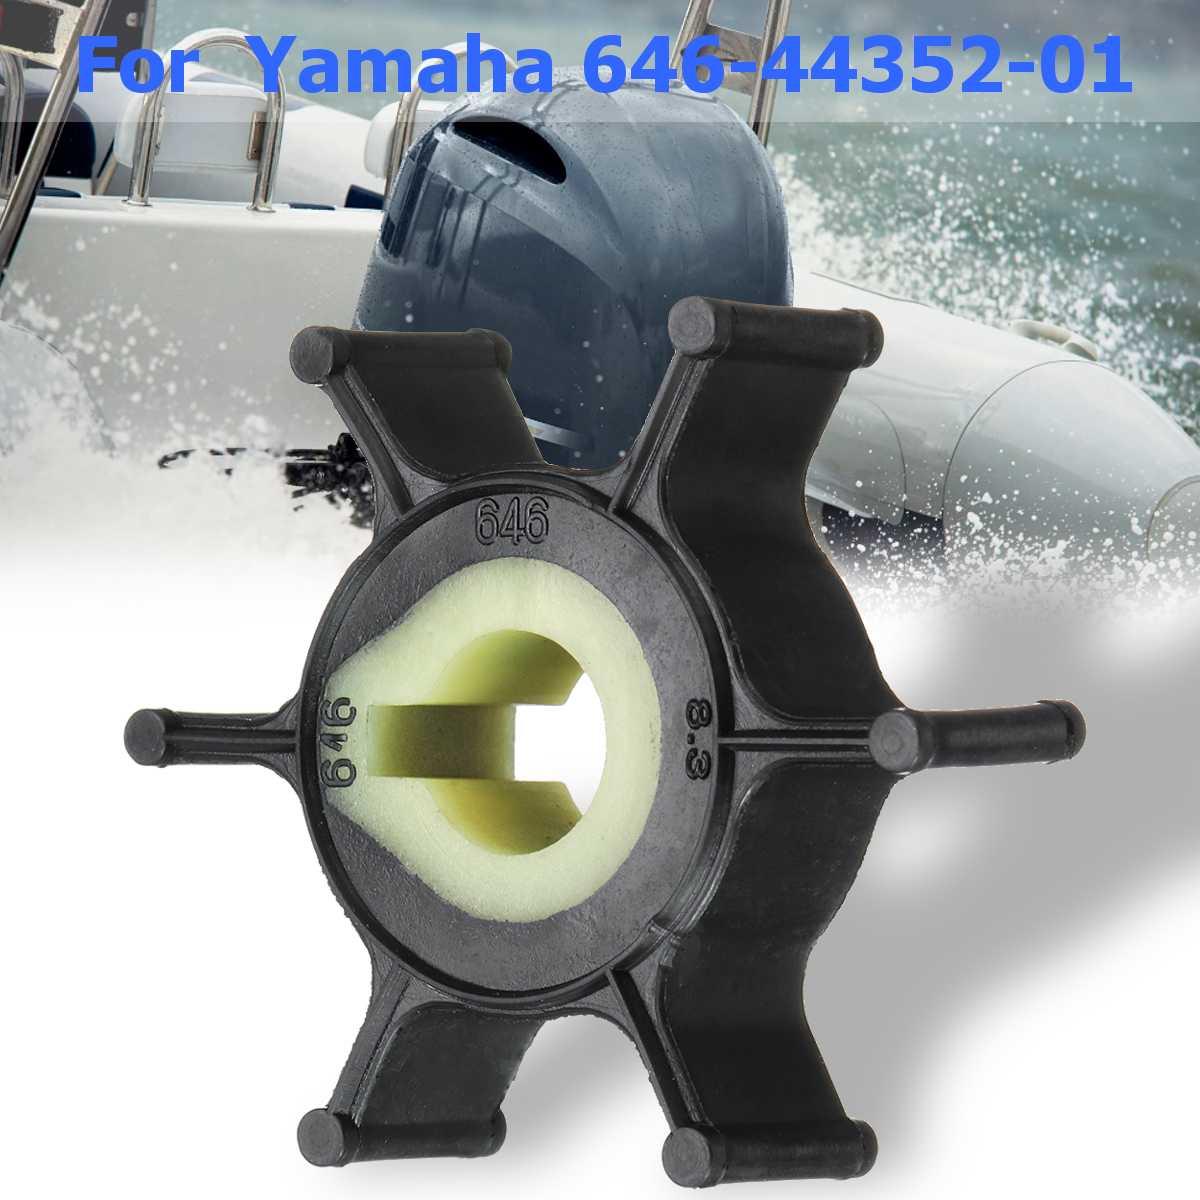 Motor fueraborda del barco 646-44352-01 impulsor de bomba de agua de reemplazo para Yamaha 2HP PARA Sierra 18-3072 goma para Mariner 47-80395M